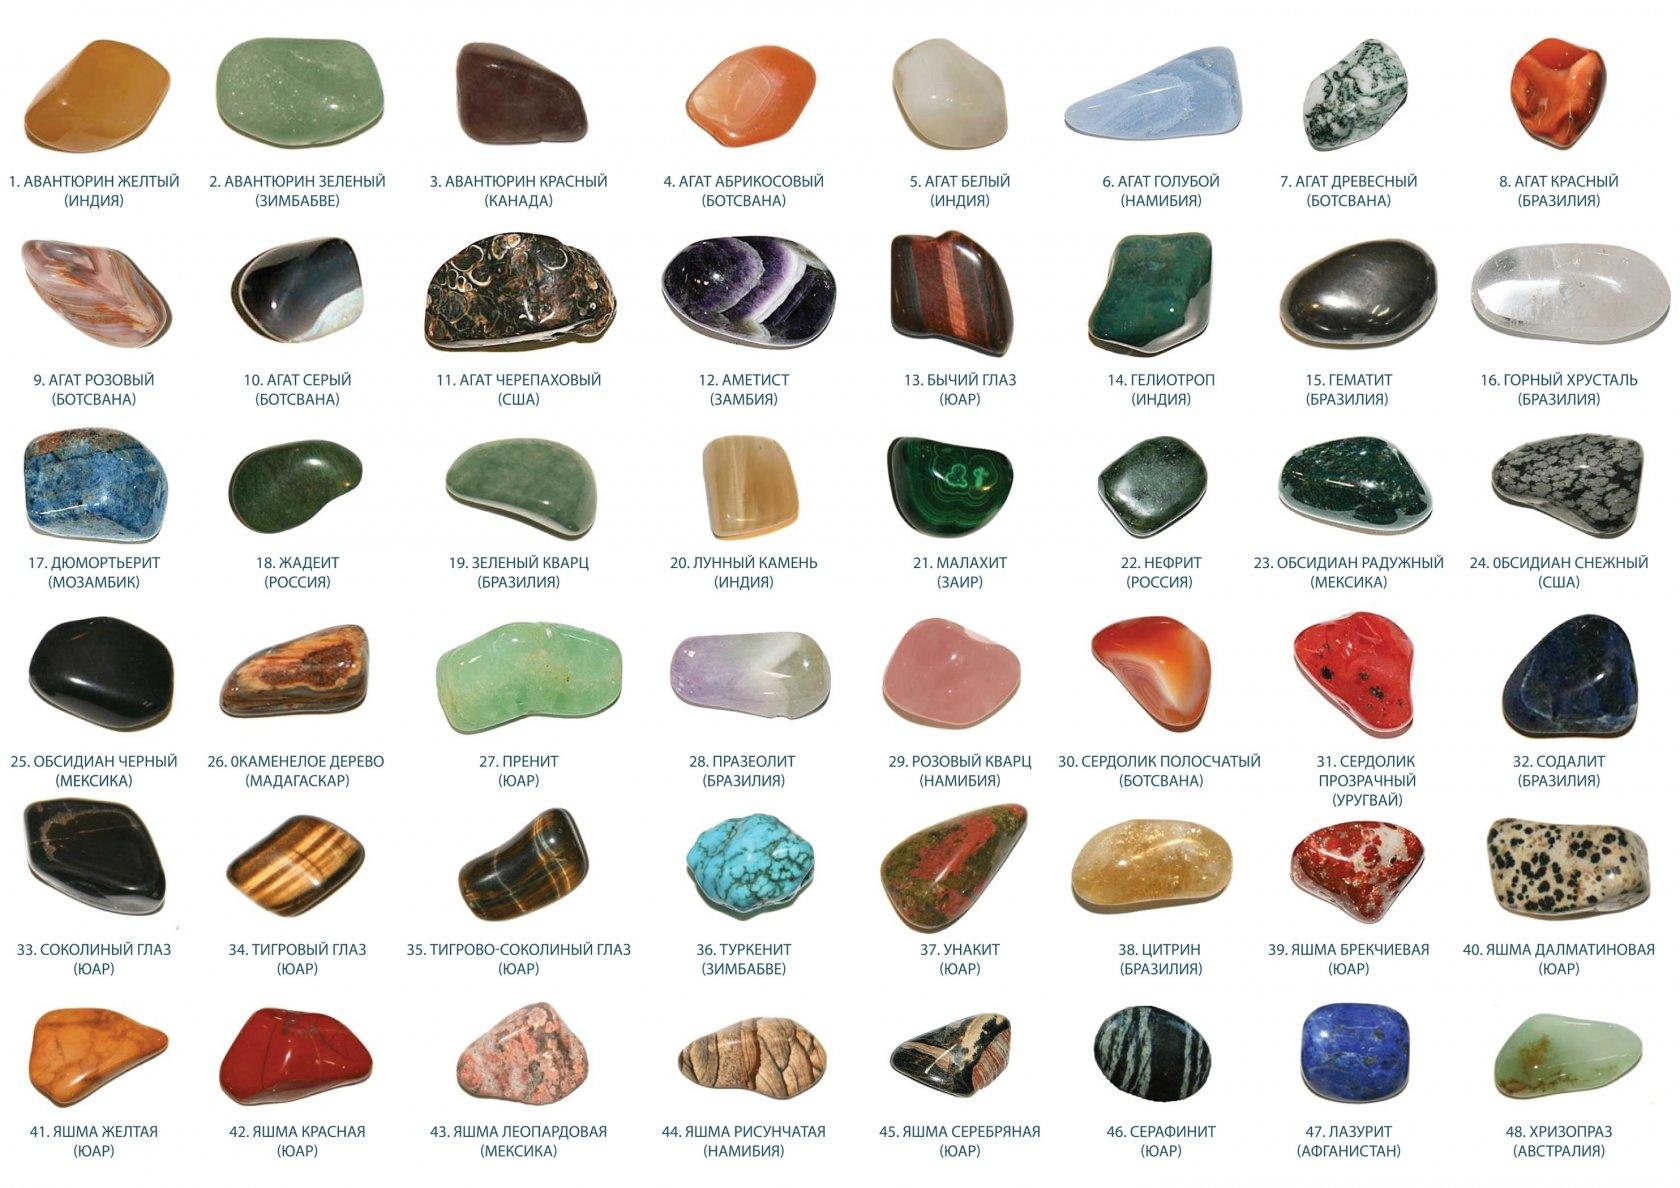 Камни самоцветы с названиями